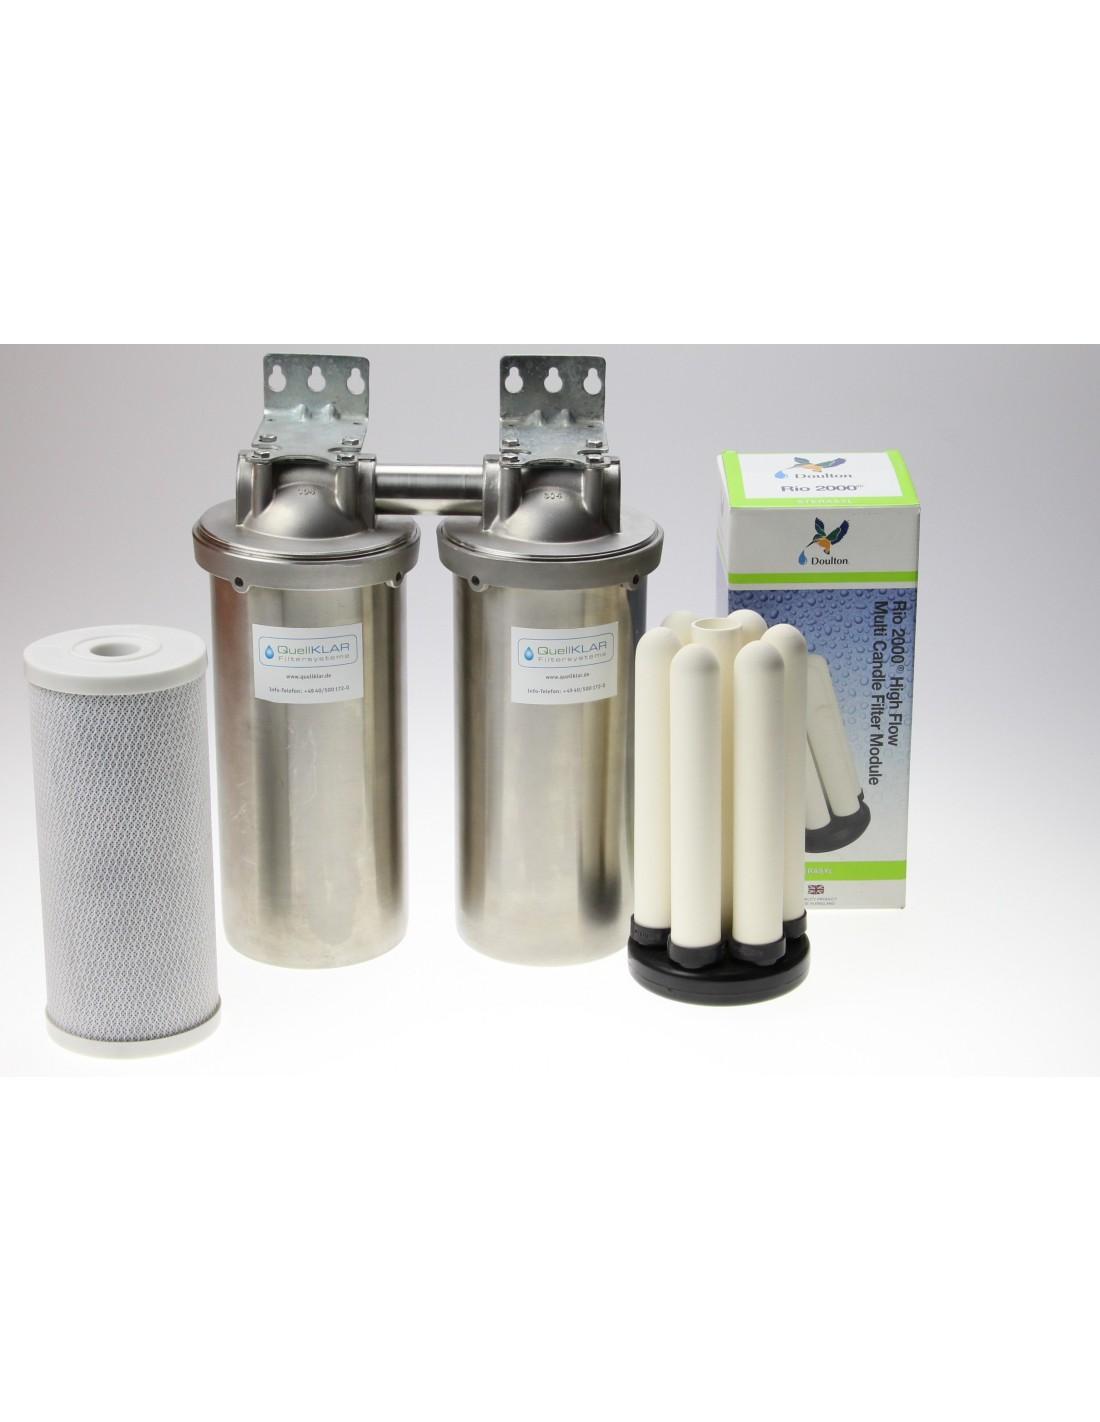 haus wasserfilter zur desinfektion f r kommunales leitungswasser mit 6 keramik filterkerzen im. Black Bedroom Furniture Sets. Home Design Ideas